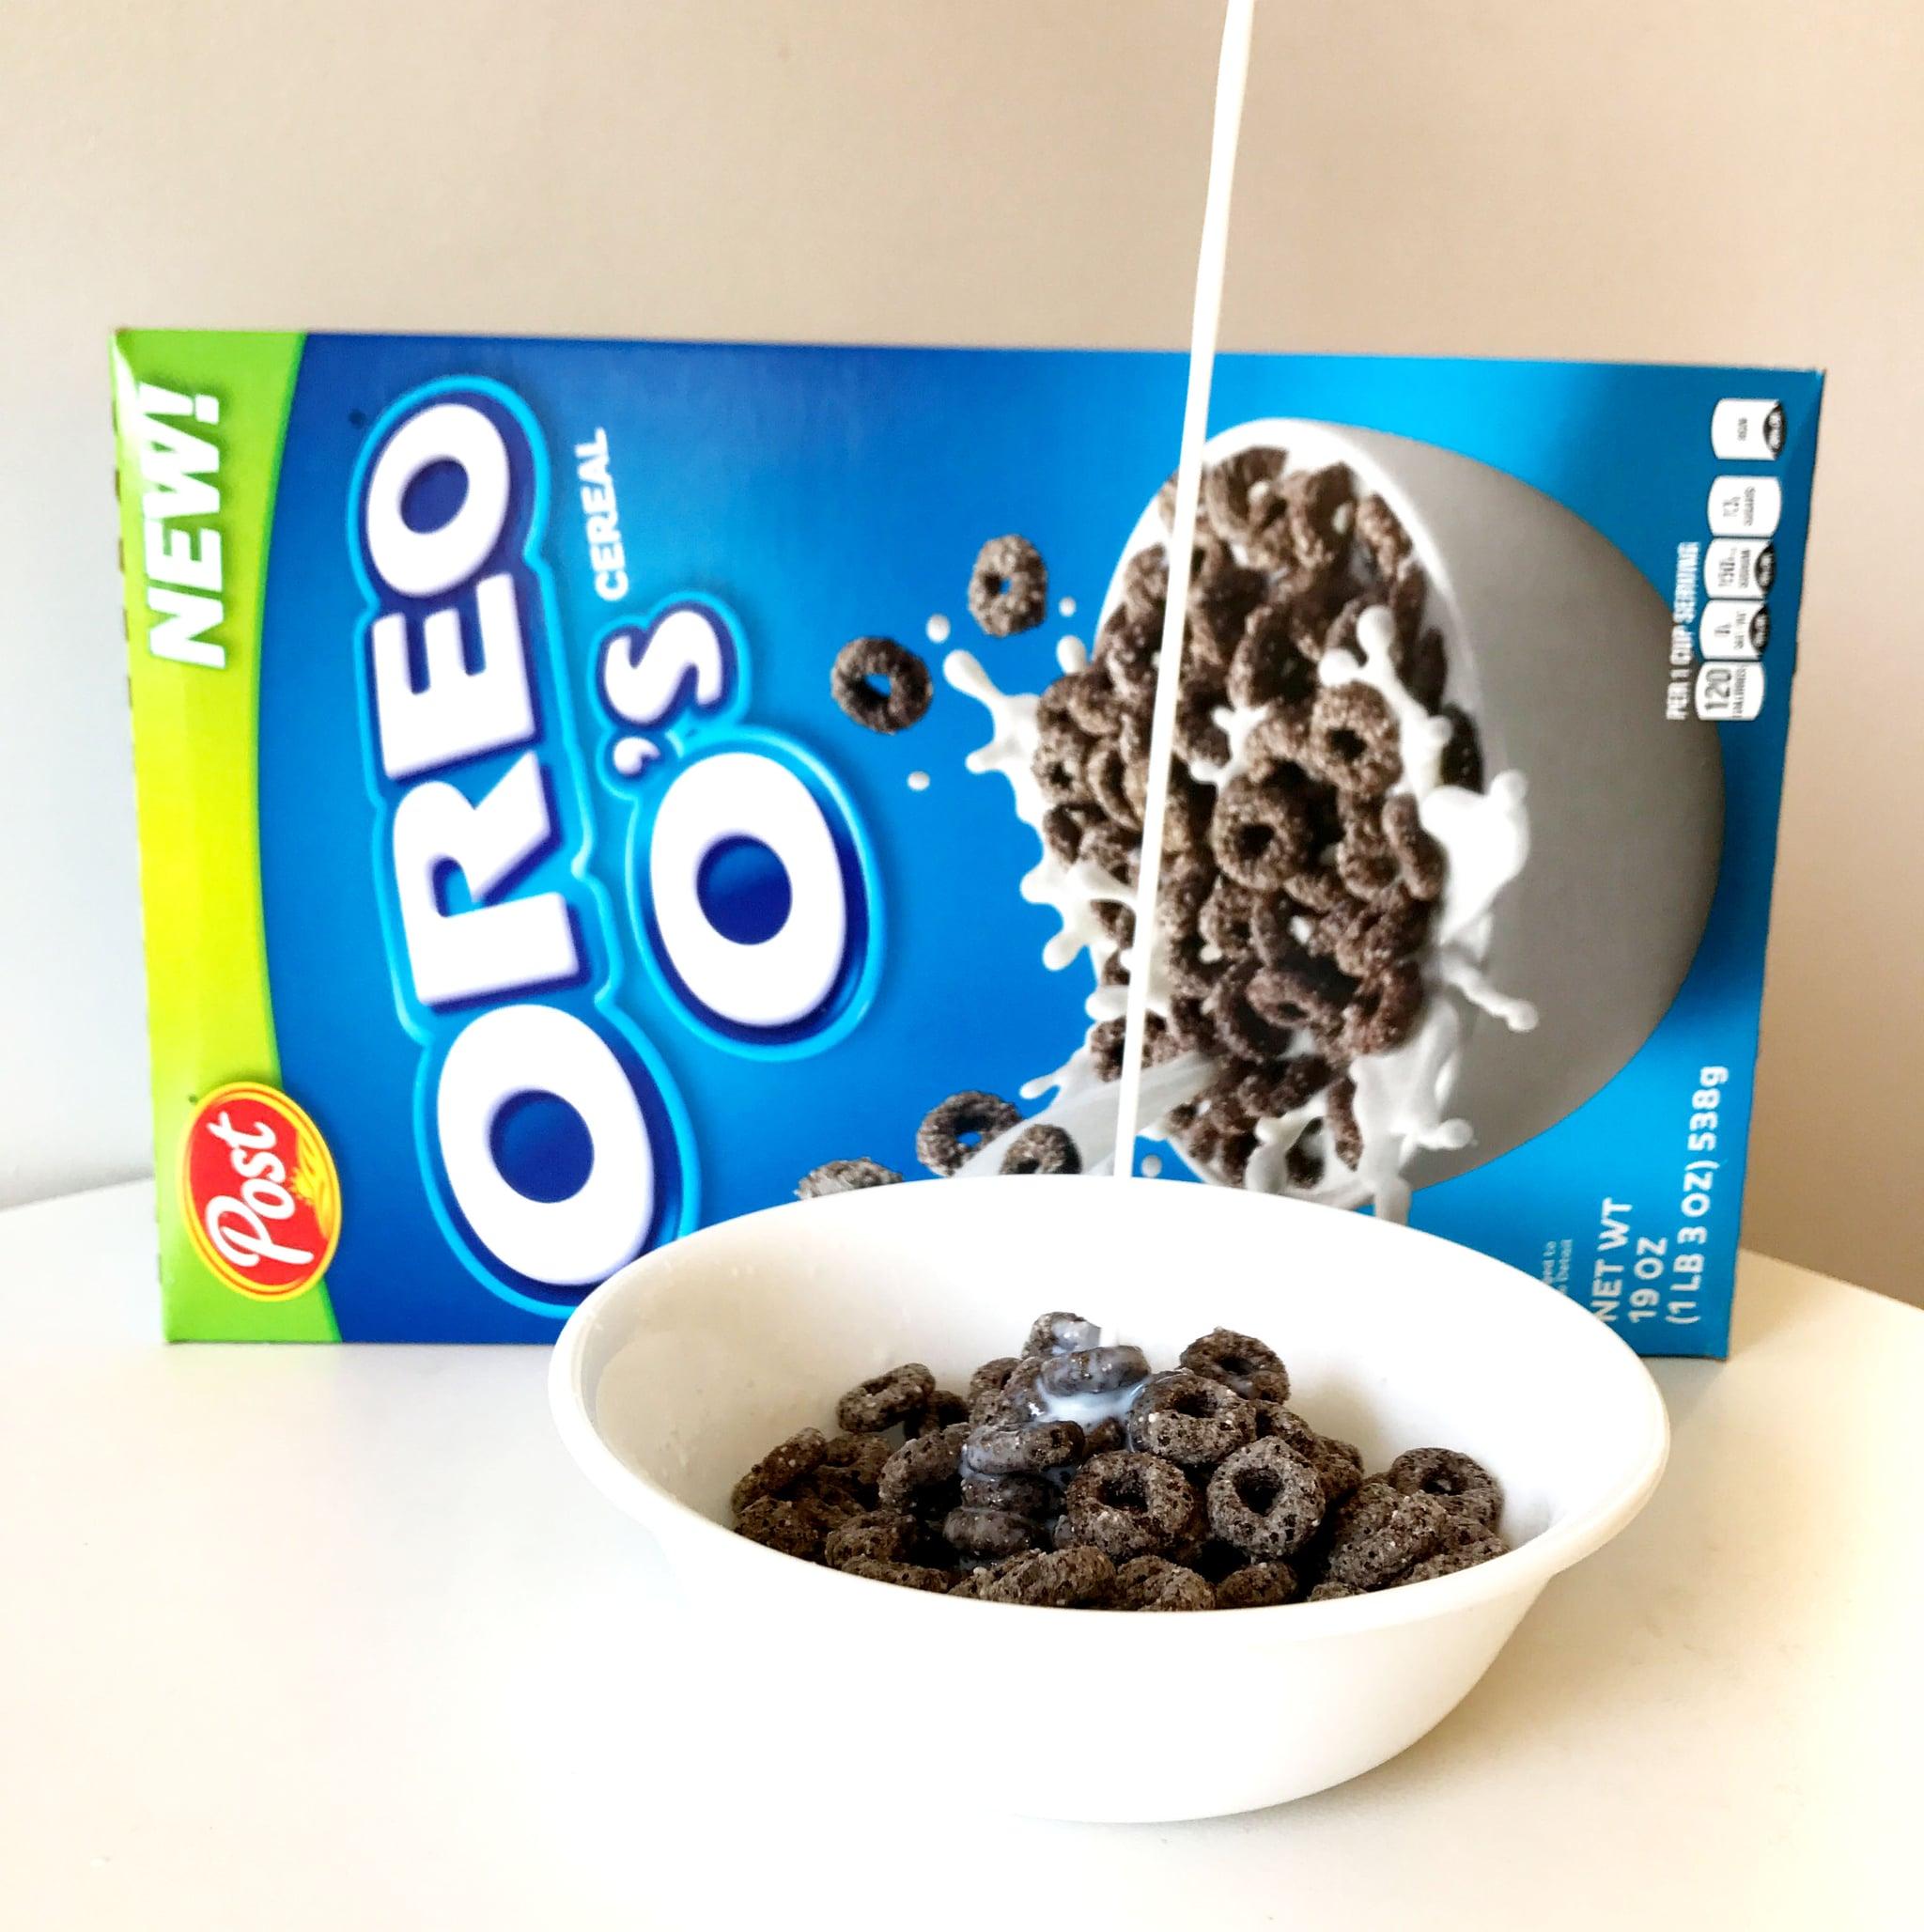 What Do Oreo O's Taste Like?